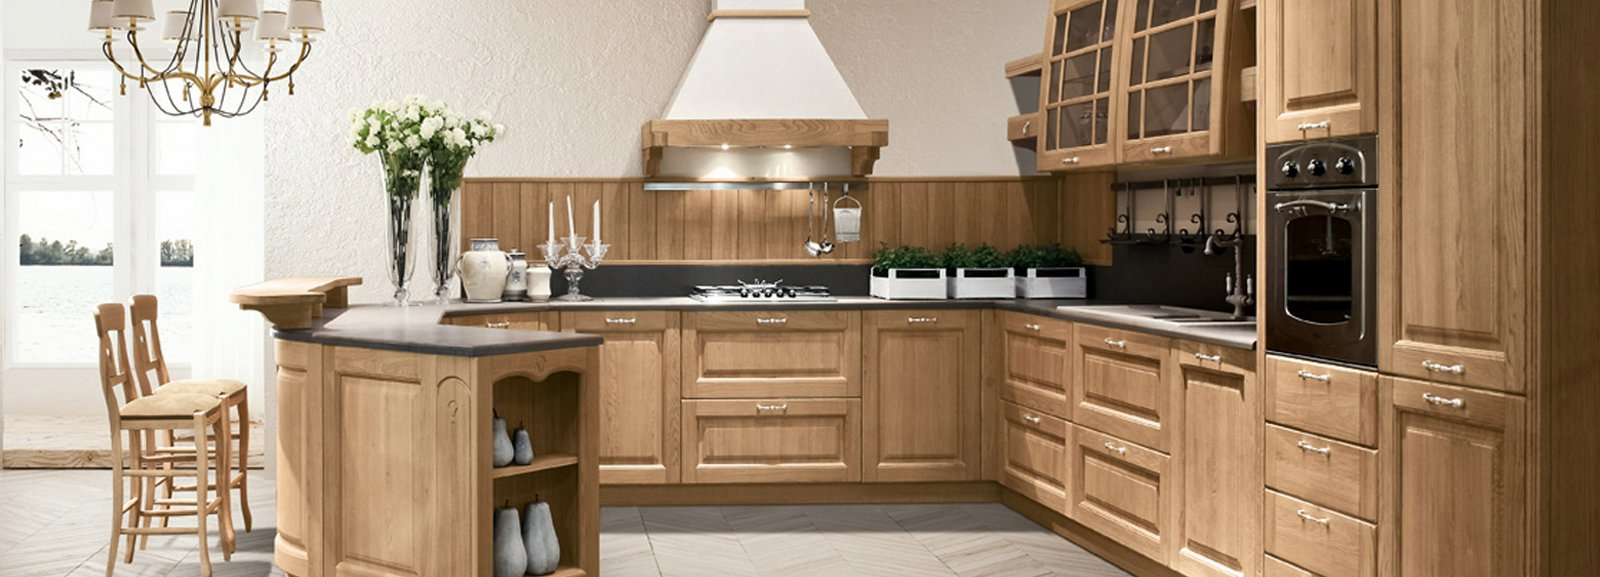 Cucina in legno moderna o classica cose di casa - Cucine moderne in legno naturale ...